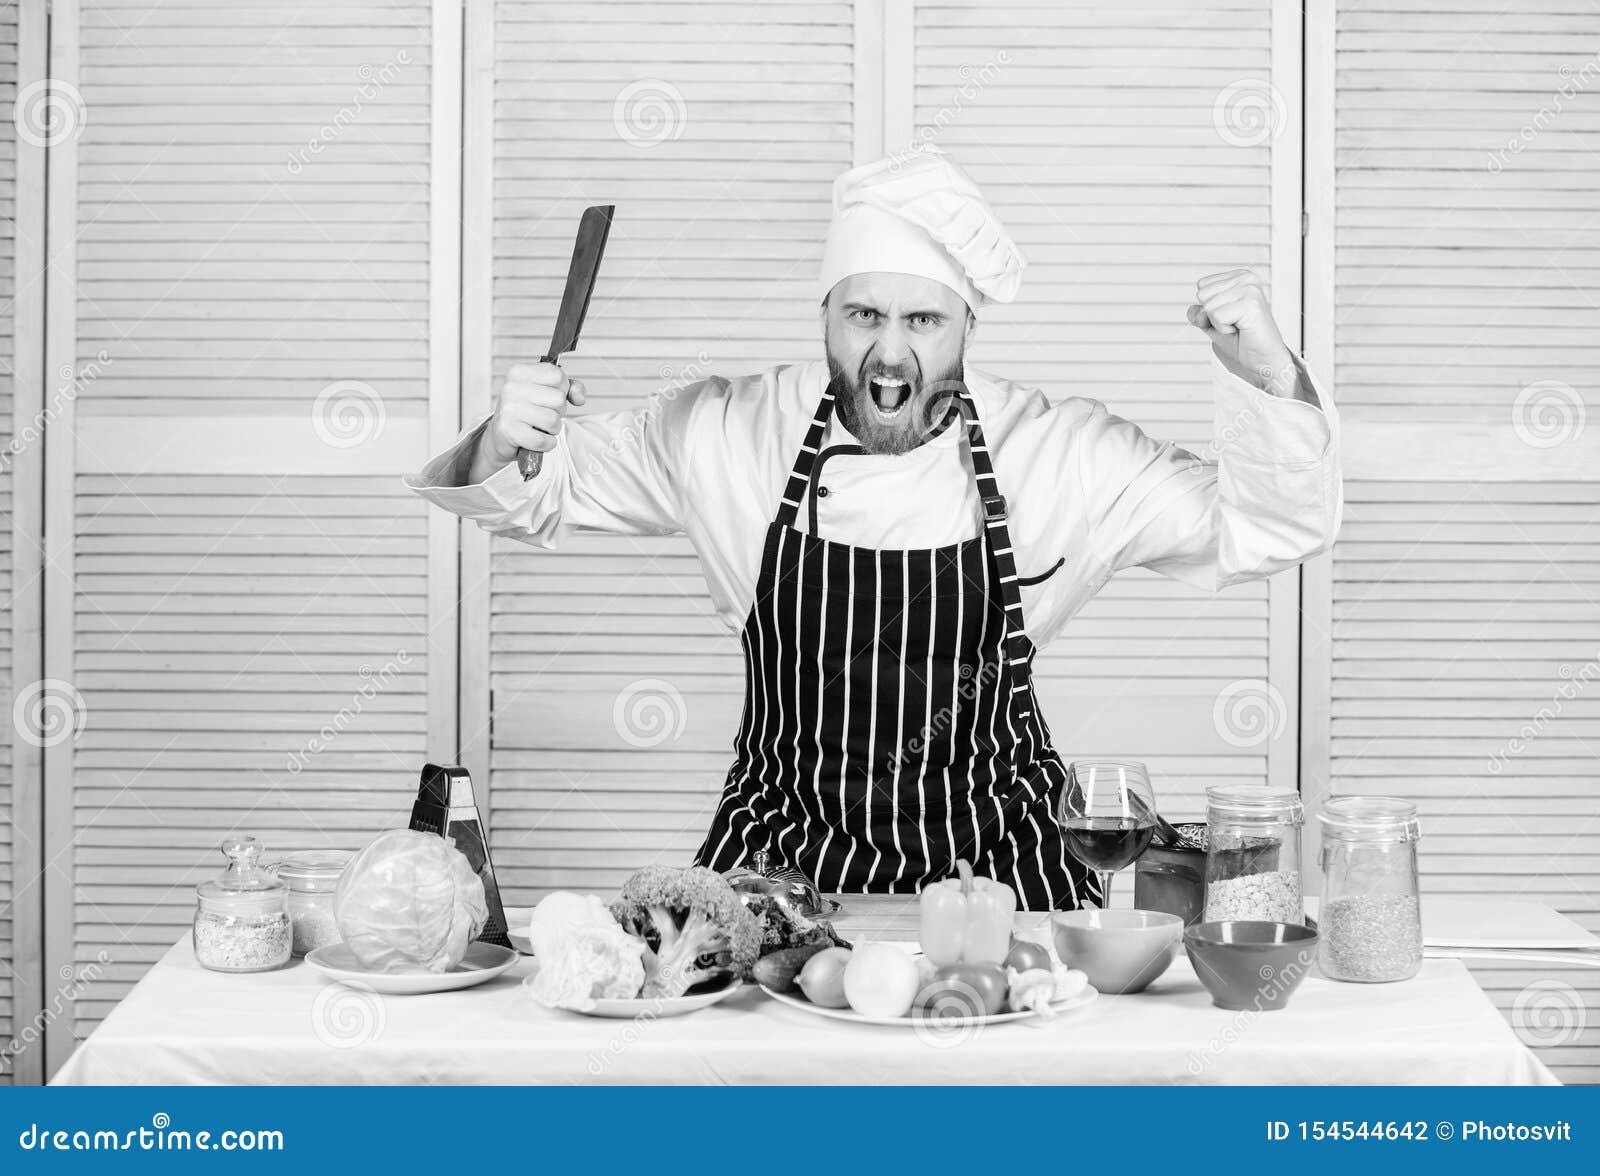 Scherp messen professioneel hulpmiddel De chef-kok kiest professionele hulpmiddelen Het hulpmiddel van het het mesmes van de chef